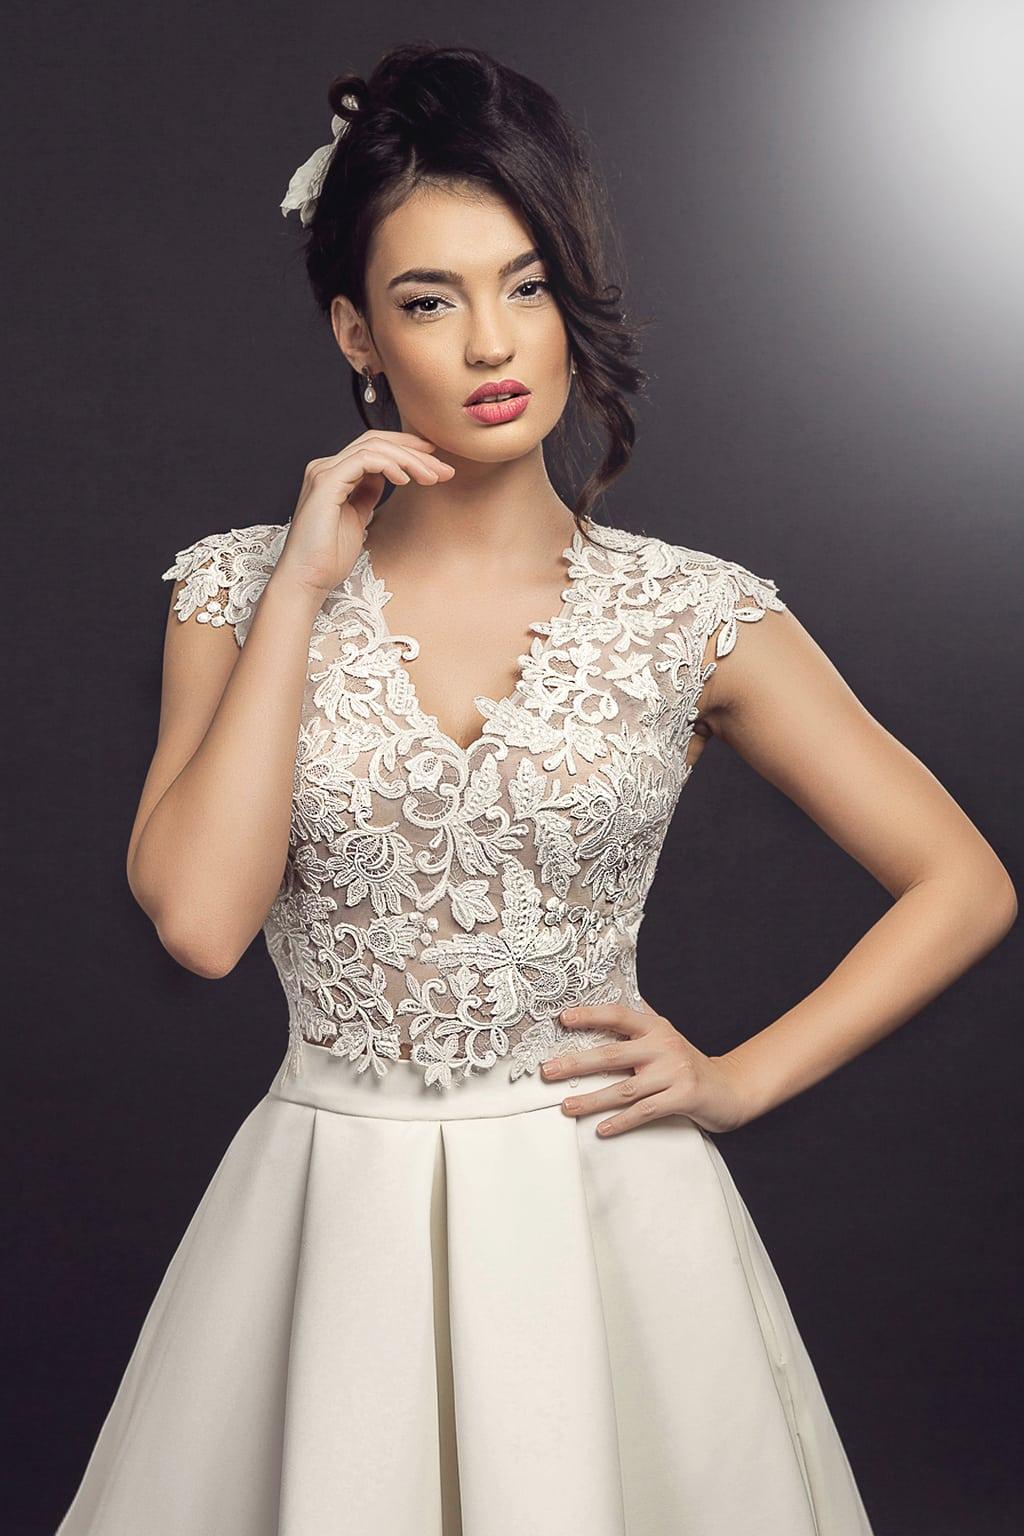 Rochie de mireasa Petunia Model - Colectia Dreams - Adora Sposa (2)